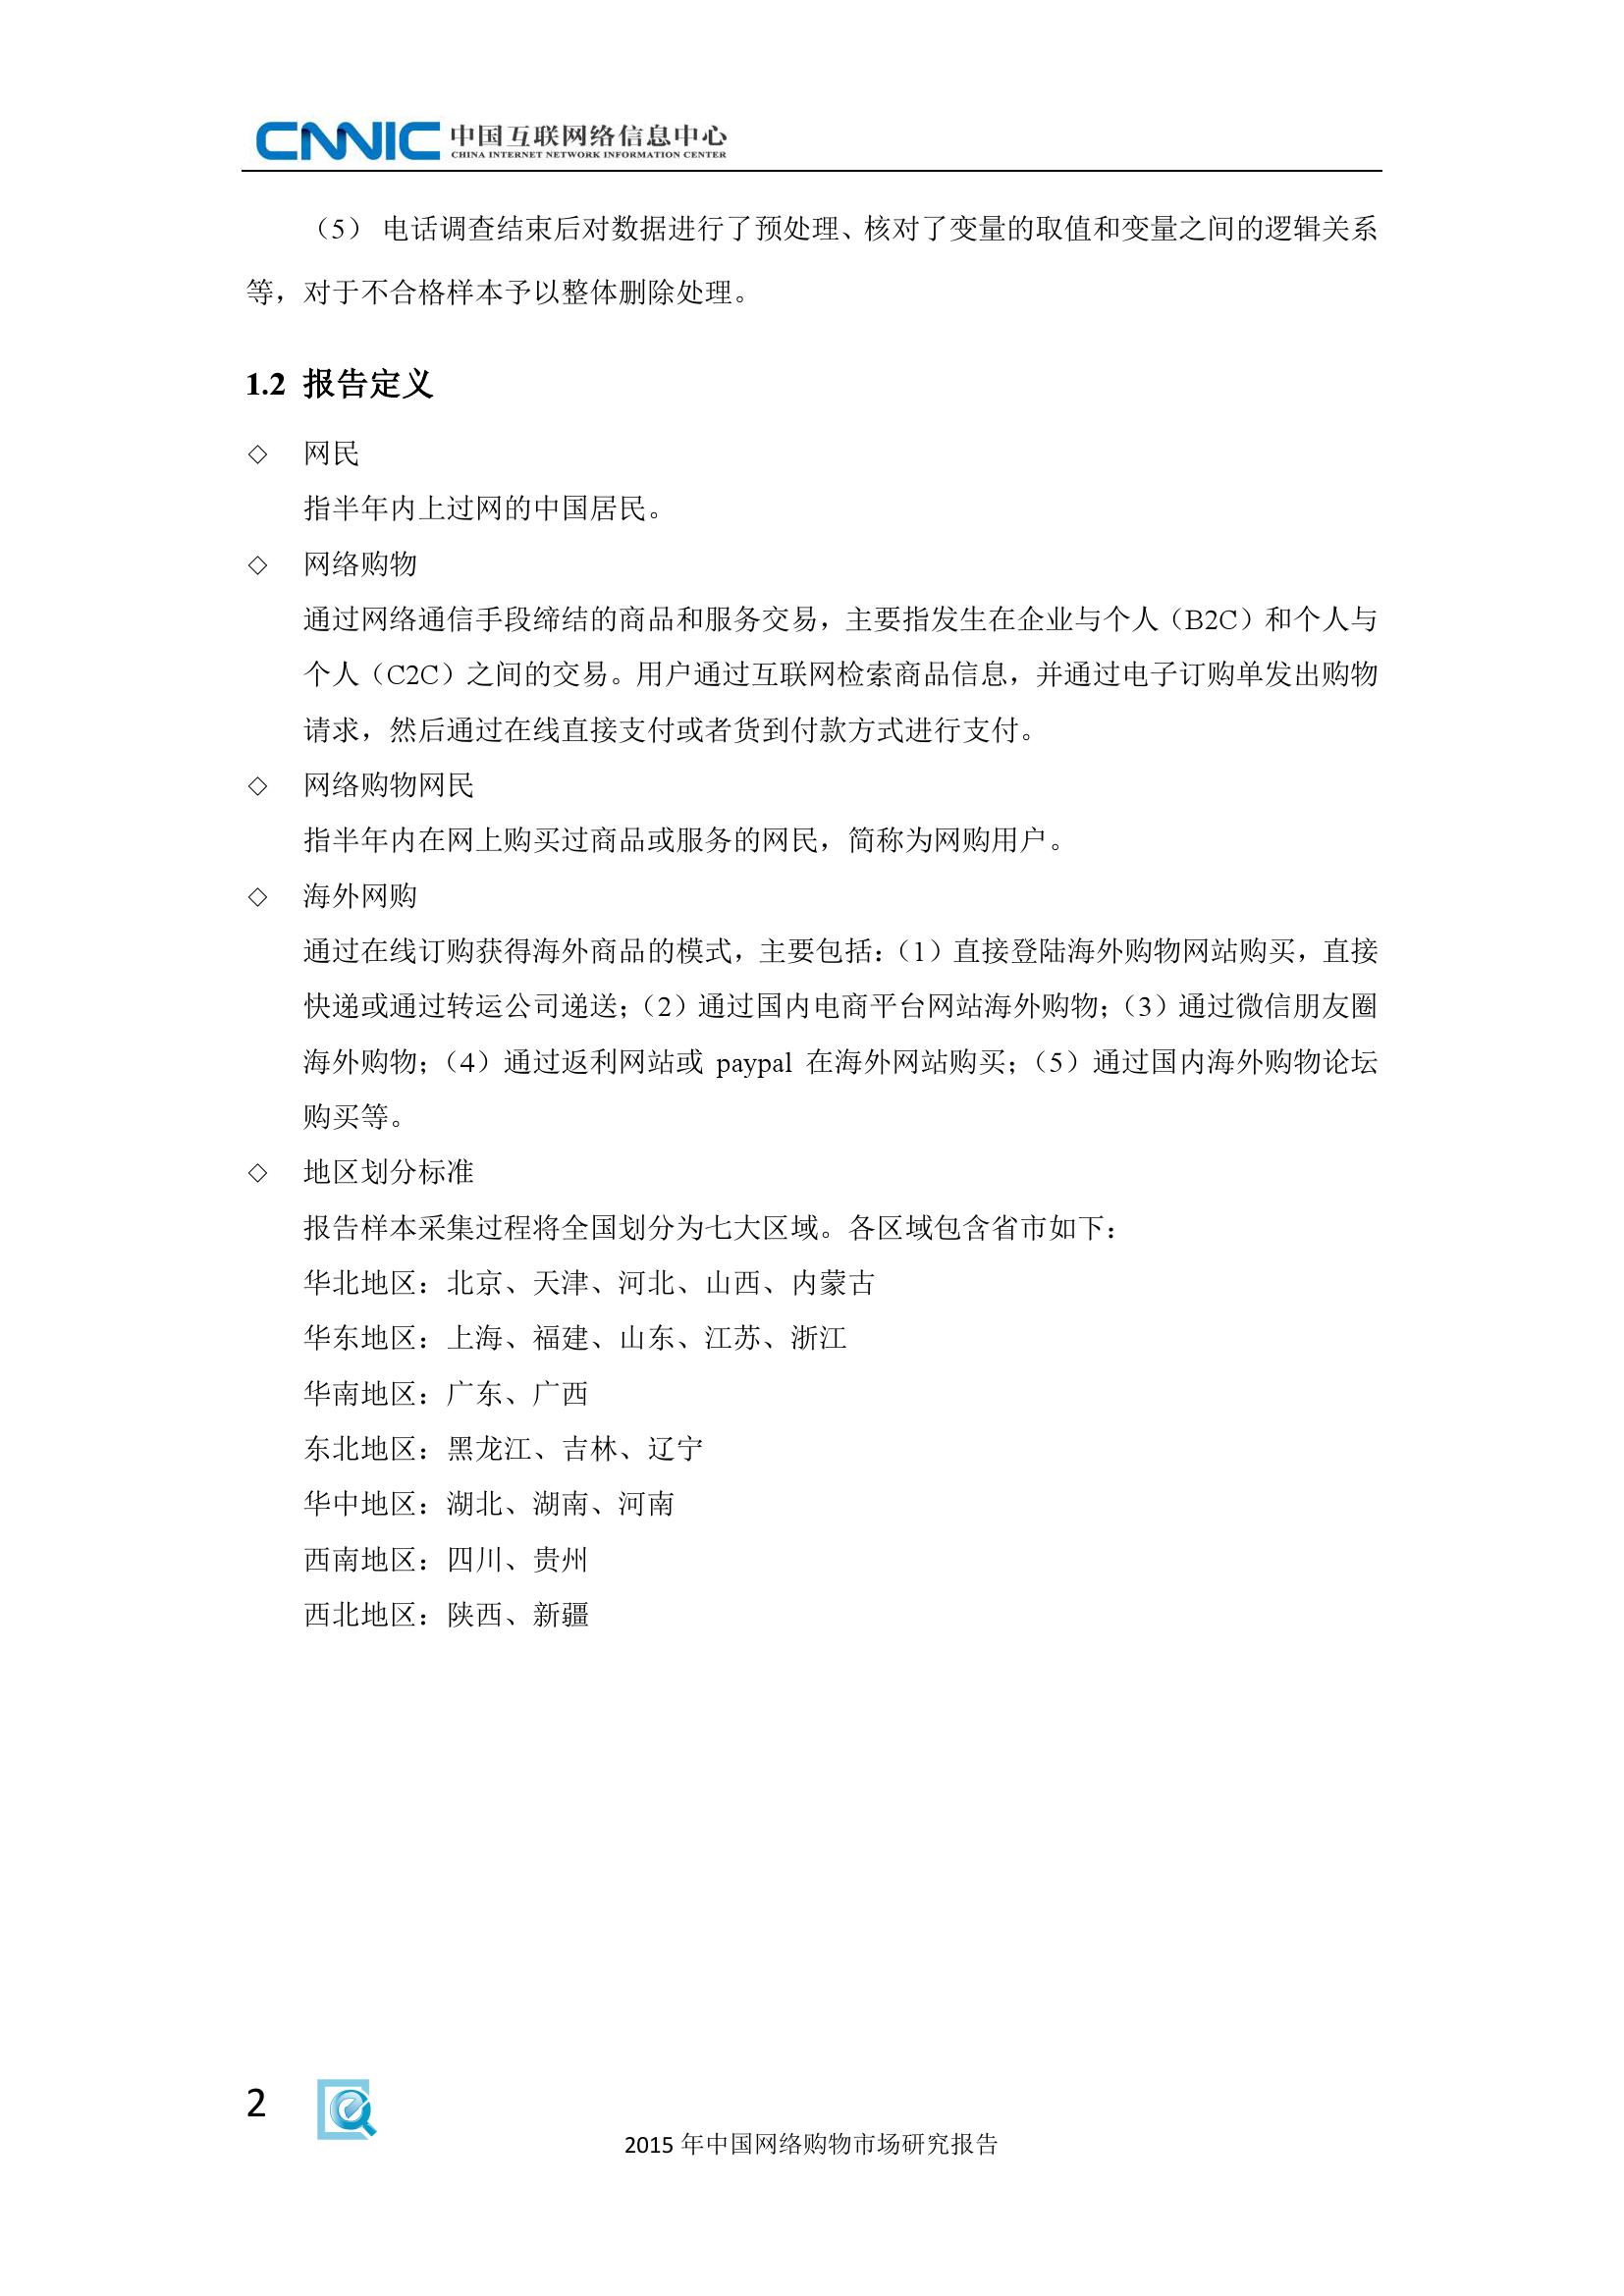 2015年中国网络购物市场研究报告_000010